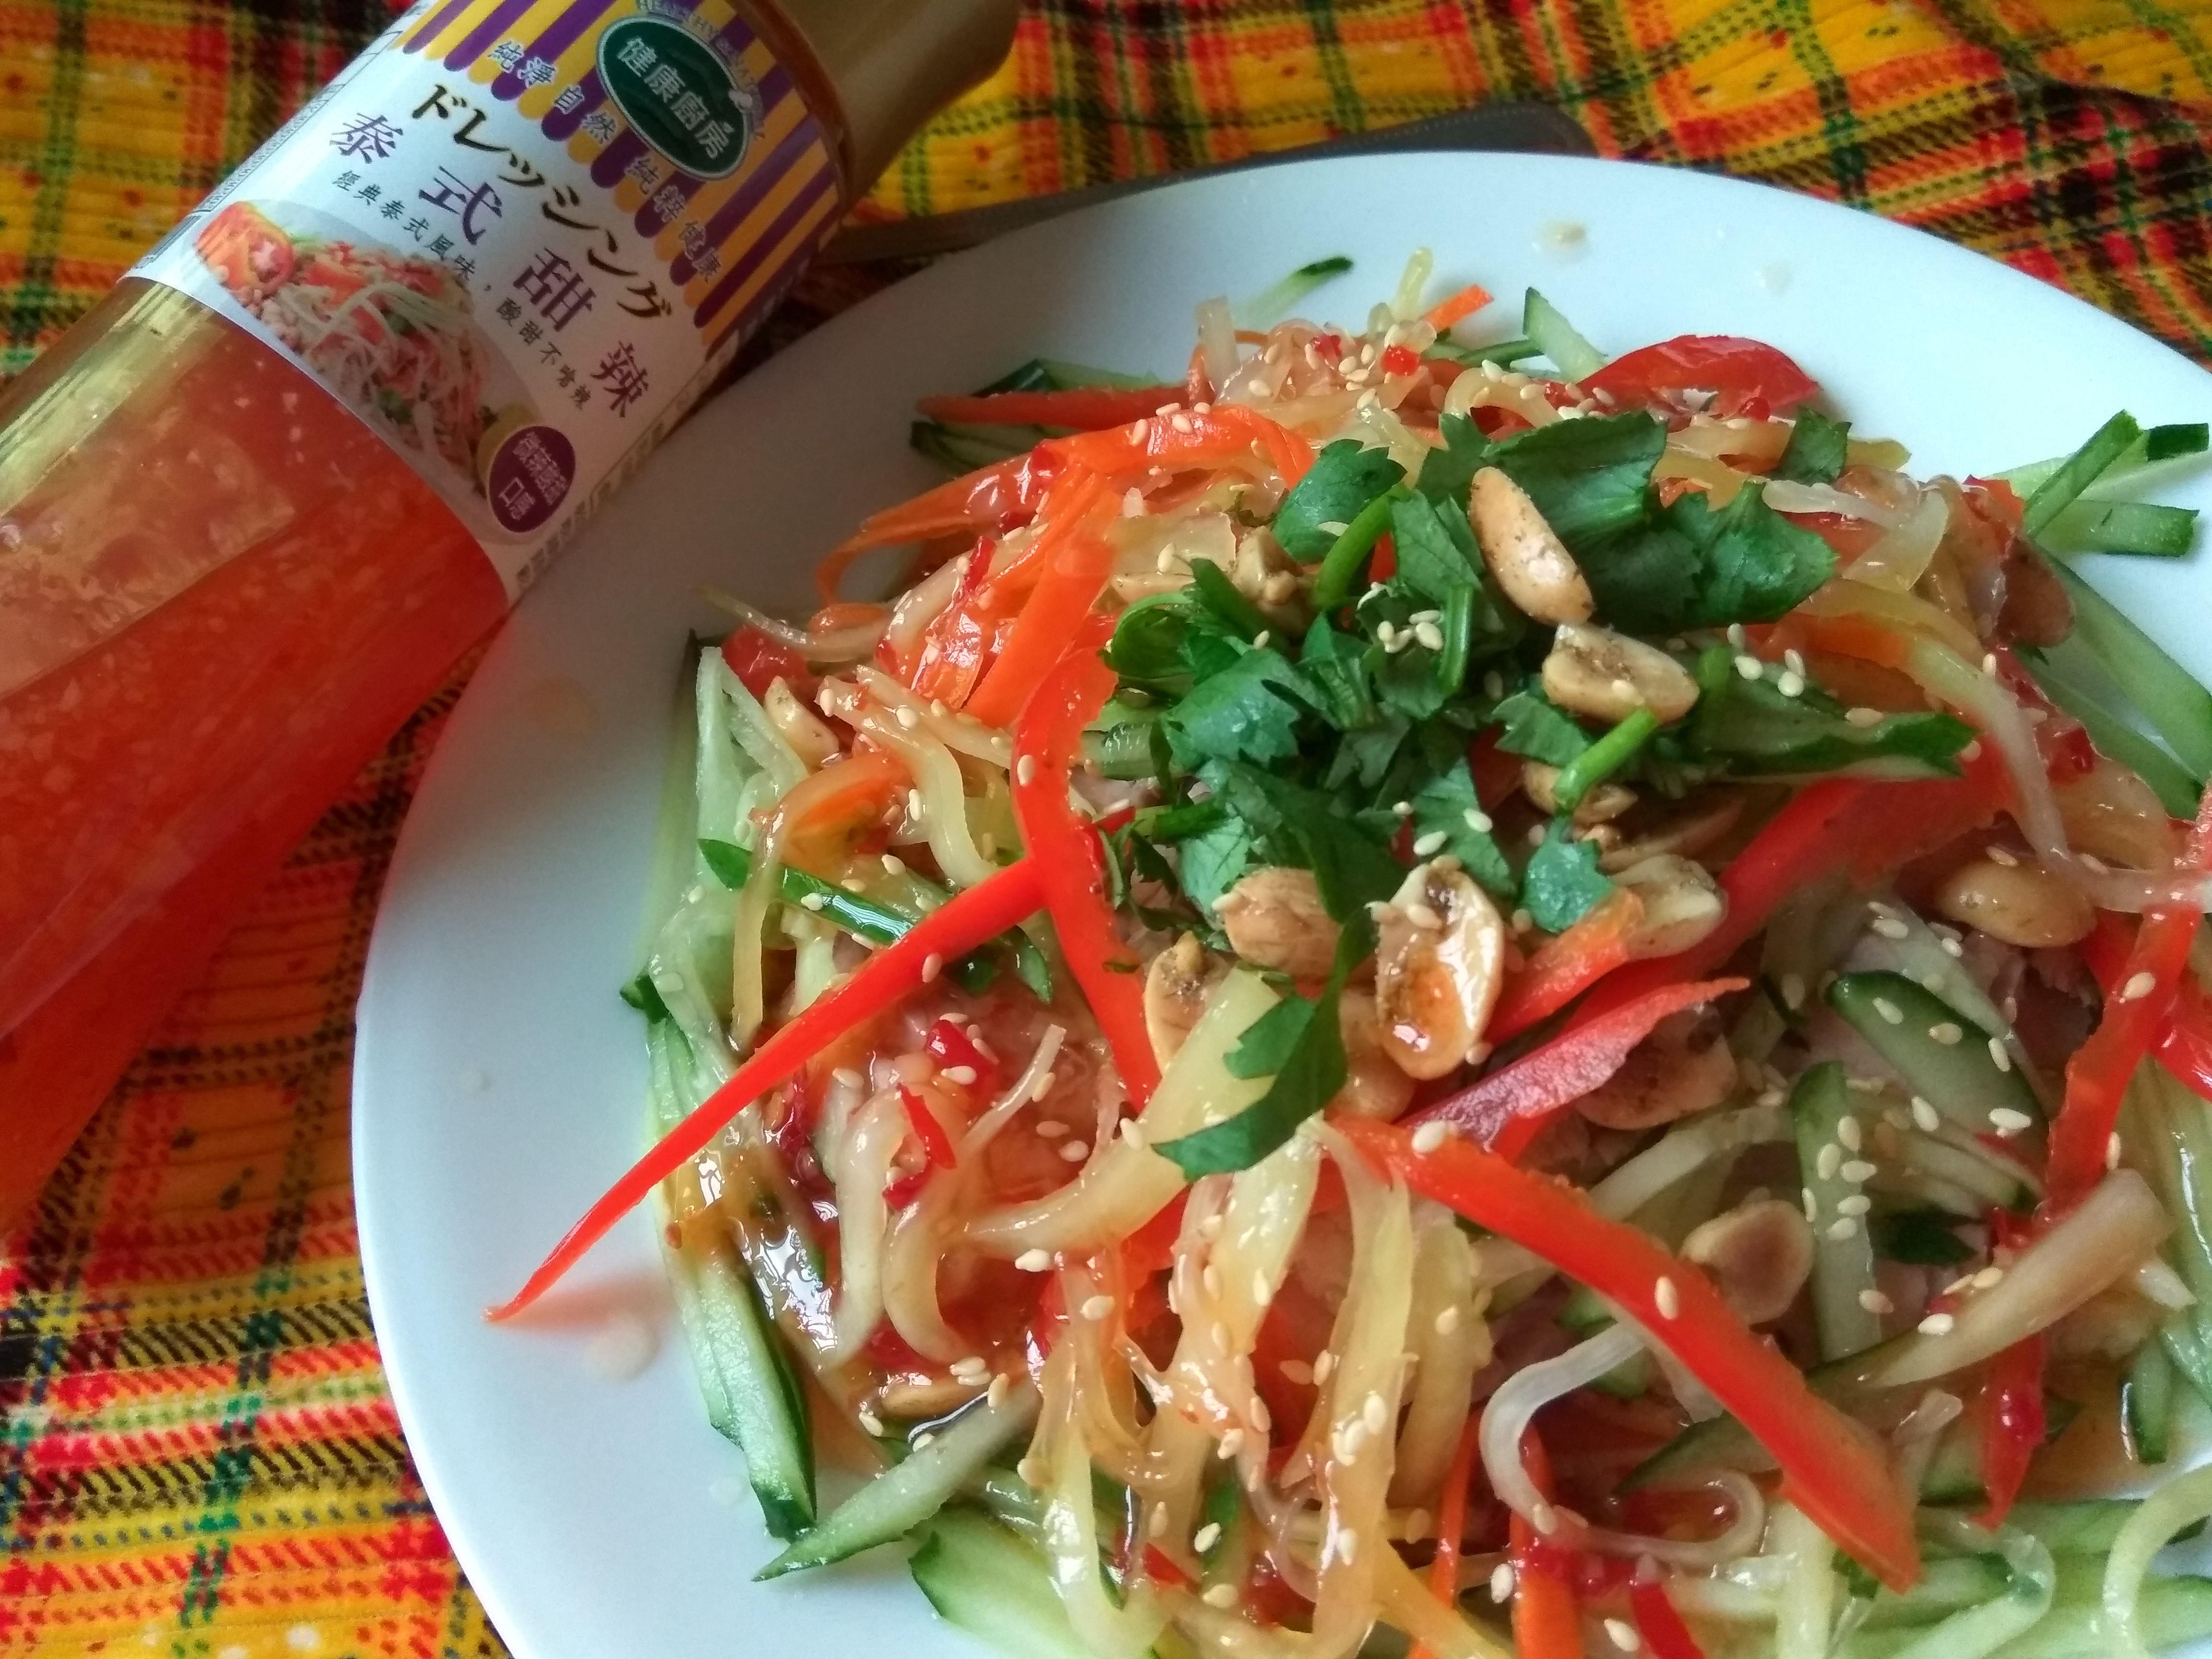 15分鐘超簡單泰式肉片沙拉─健康廚房